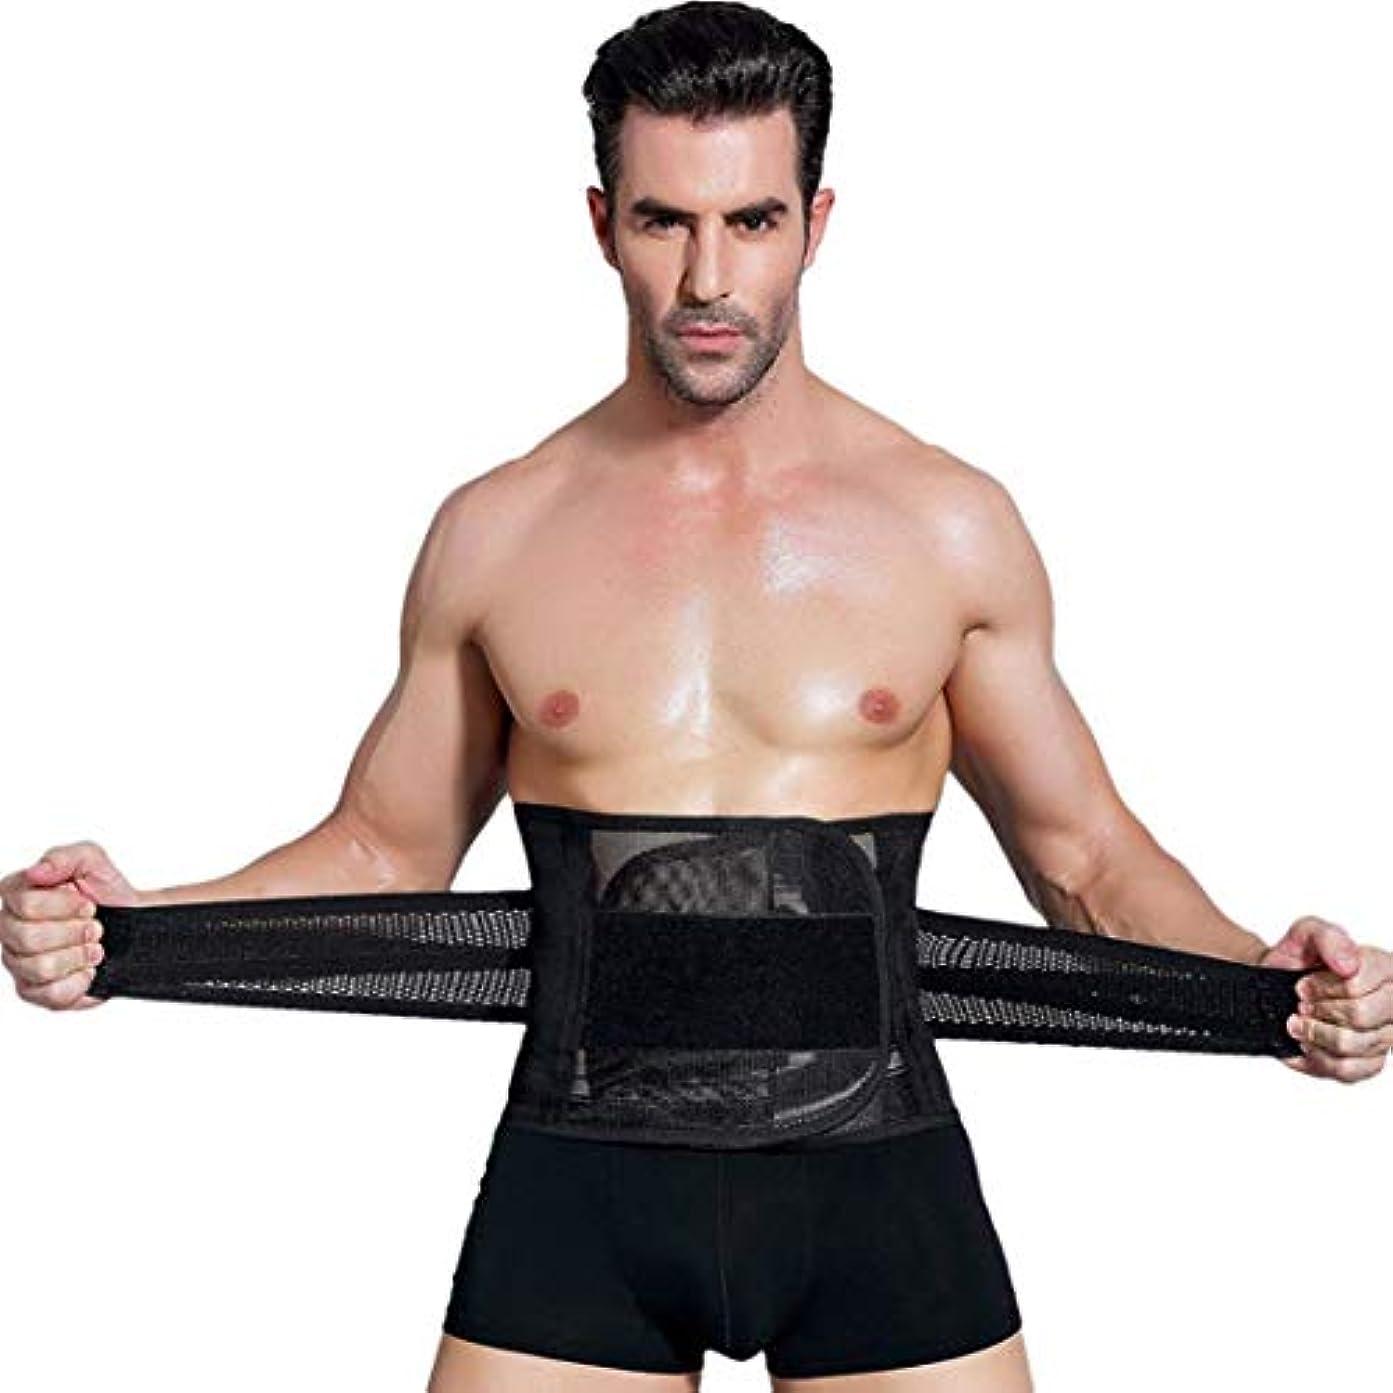 雨なしで満足させる男性ボディシェイパーコルセット腹部おなかコントロールウエストトレーナーニッパー脂肪燃焼ガードル痩身腹ベルト用男性 - ブラックXXL